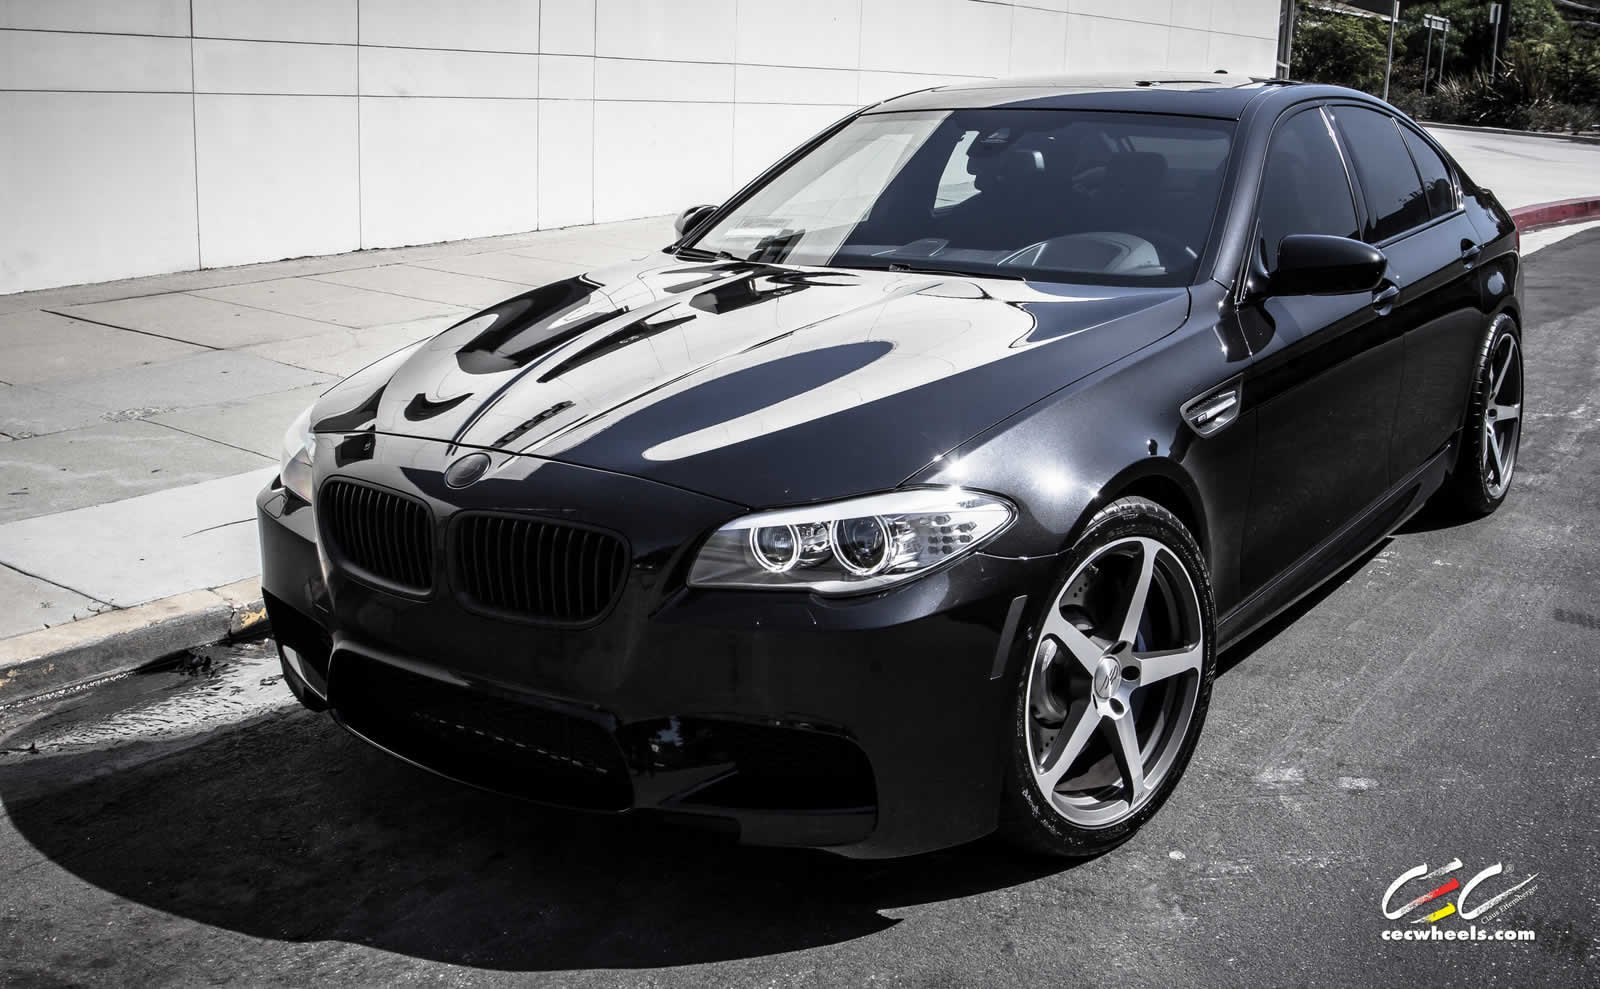 2015 cars CEC Tuning wheels BMW m5 f10 wallpaper 1600x989 619107 1600x989